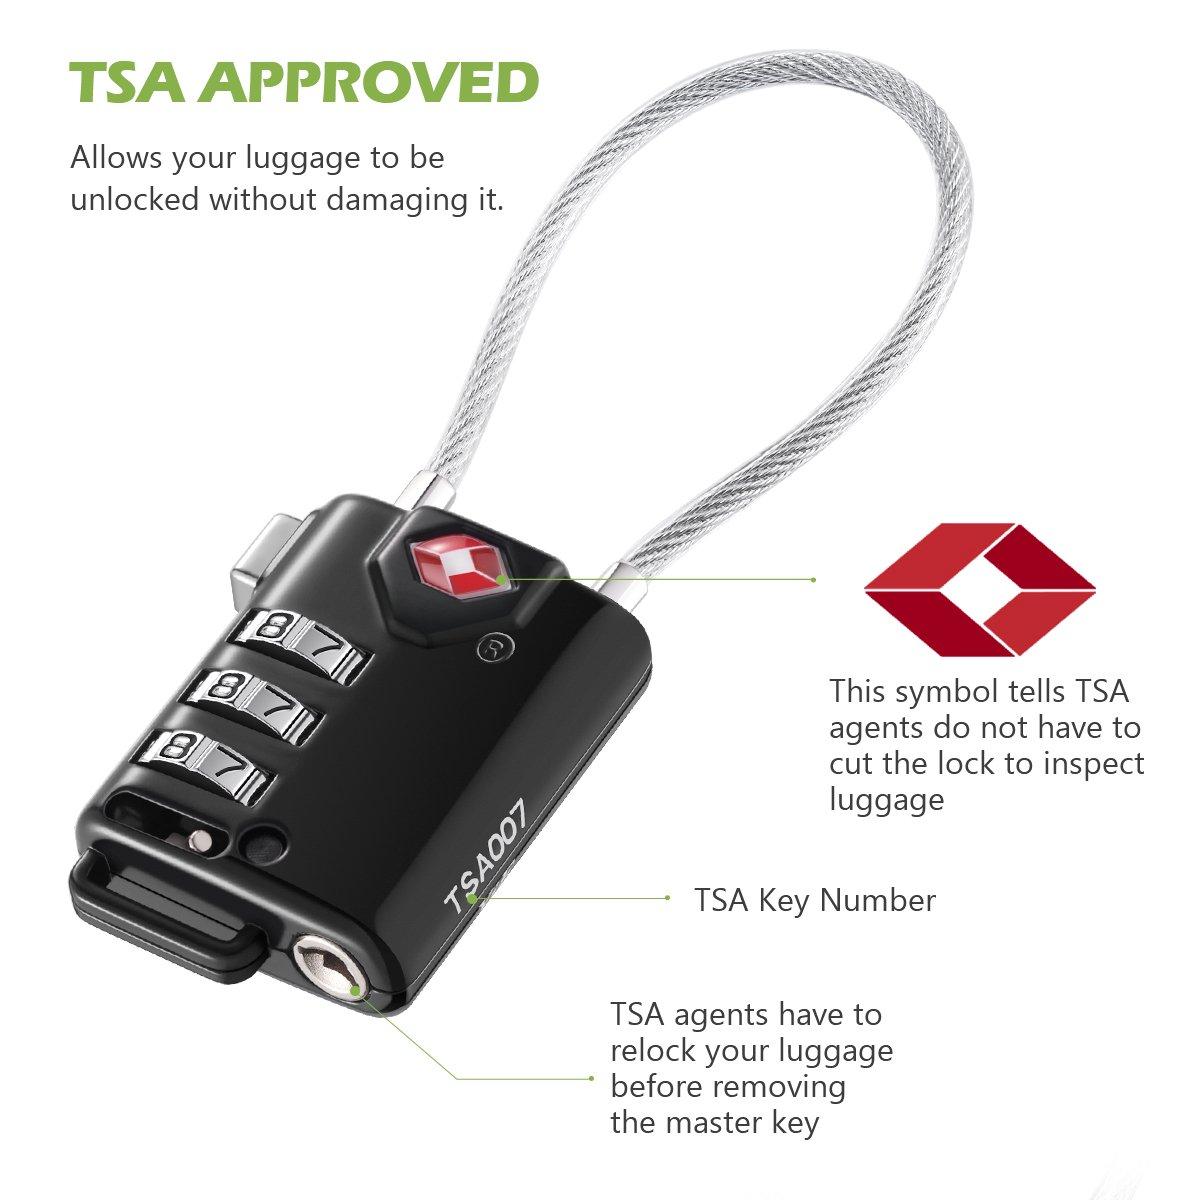 KeeKit TSA Approved Luggage Locks, 3 Digit Combination Lock, TSA Luggage Lock, Cable Lock for Travel, Suitcase, Baggage & Backpack, Gym Locker (Black, 2 Pack) by KeeKit (Image #2)